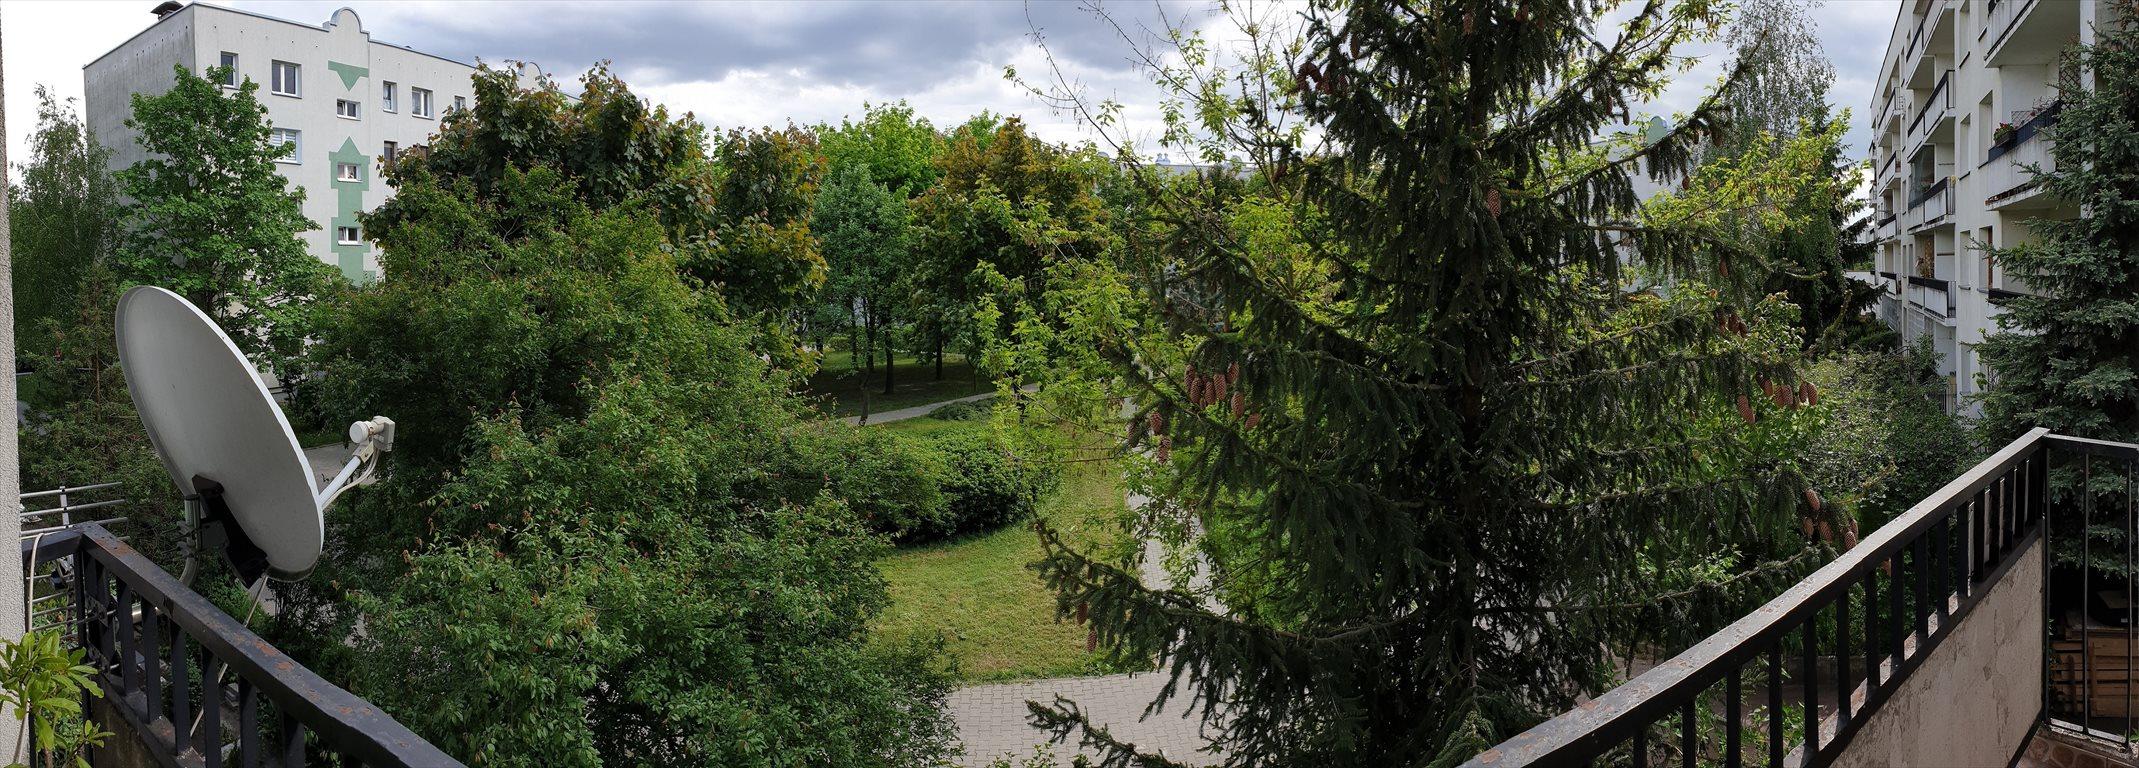 Mieszkanie trzypokojowe na sprzedaż Łódź, Bałuty, Radogoszcz Wschód, Wiankowa 9  62m2 Foto 13